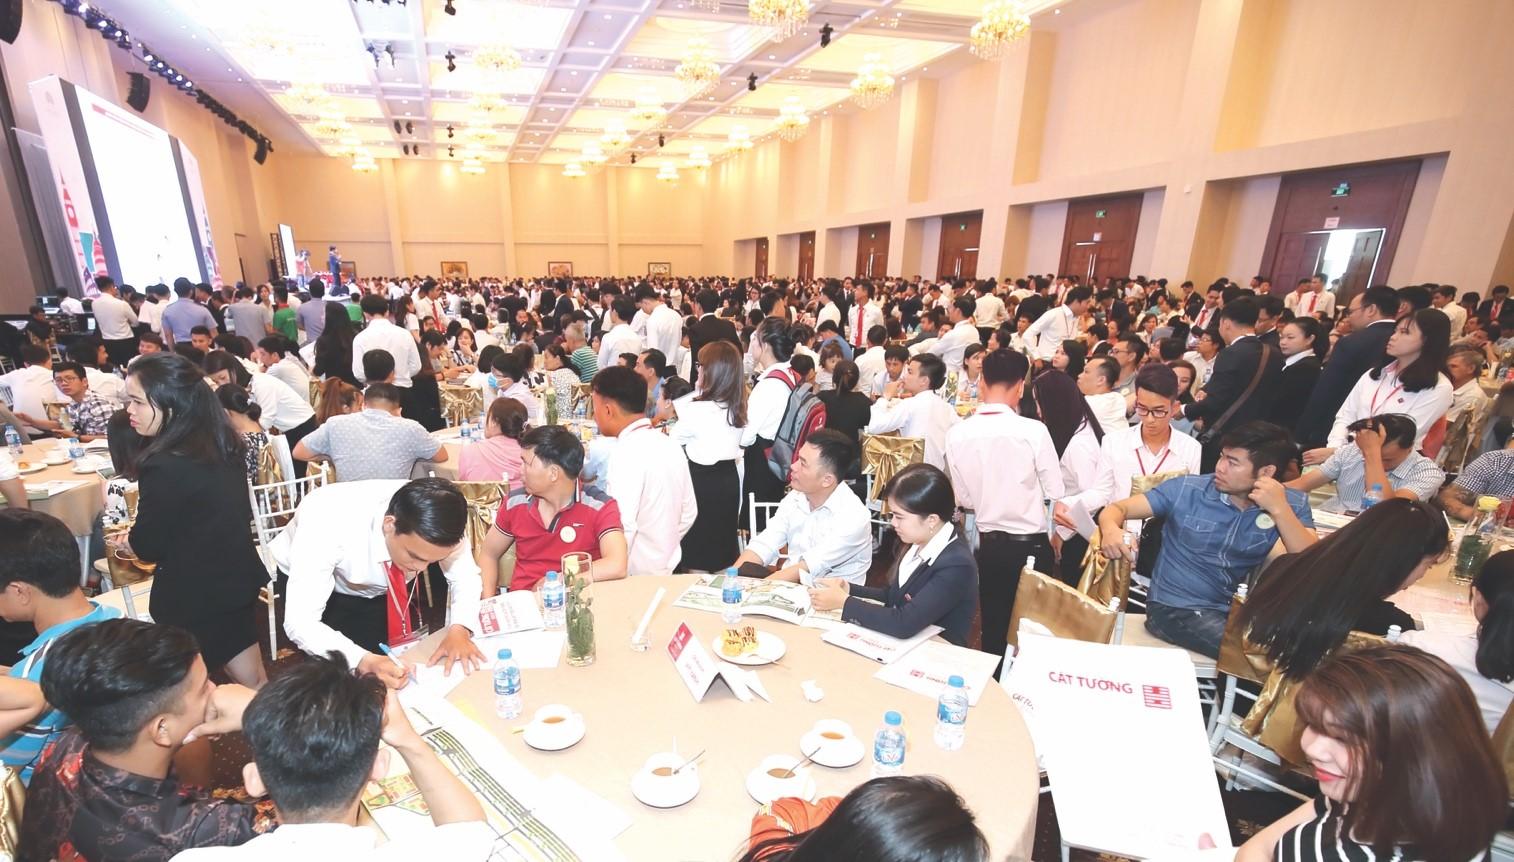 Tập đoàn Địa ốc Cát Tường mở bán đợt 2 dự án Cát Tường Phú Hưng